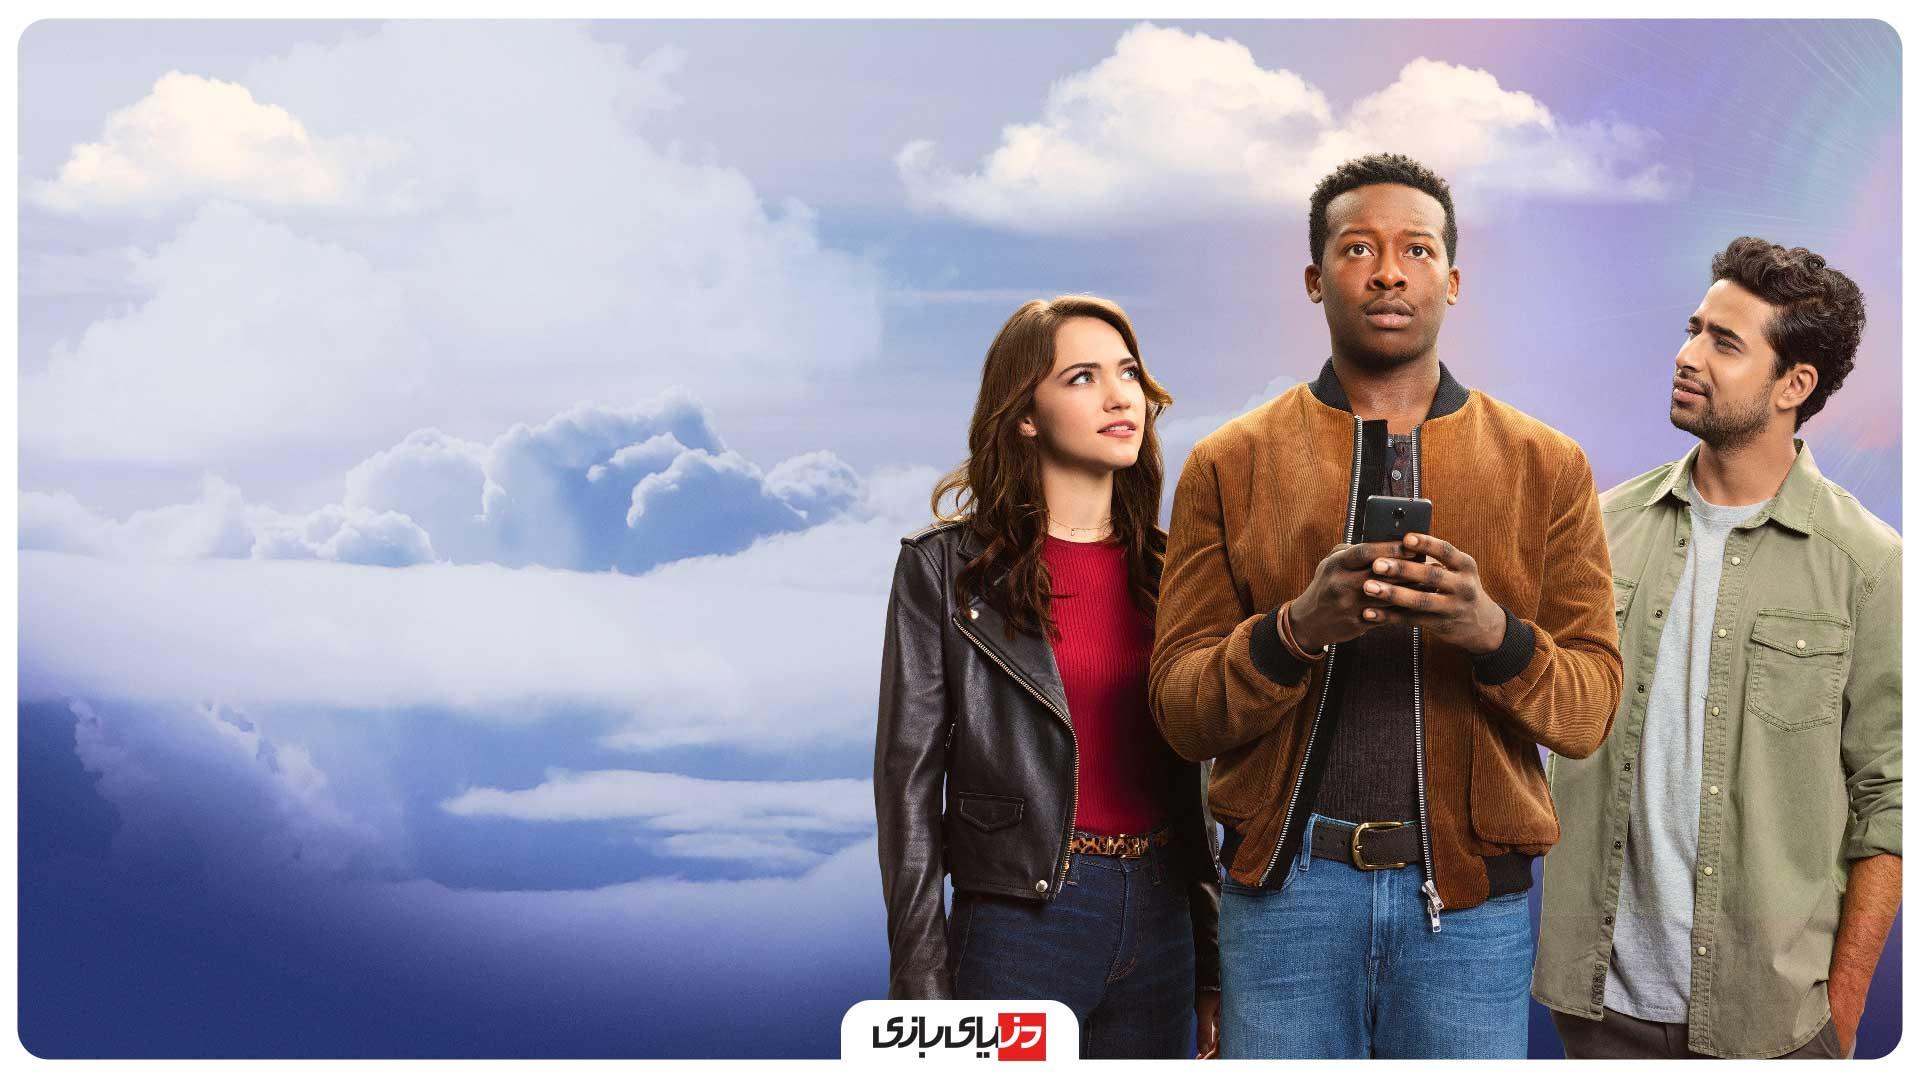 چه سریالهایی در سال 2020 کنسل شدند - دانلود سریال - دانلود سریال God Friended Me